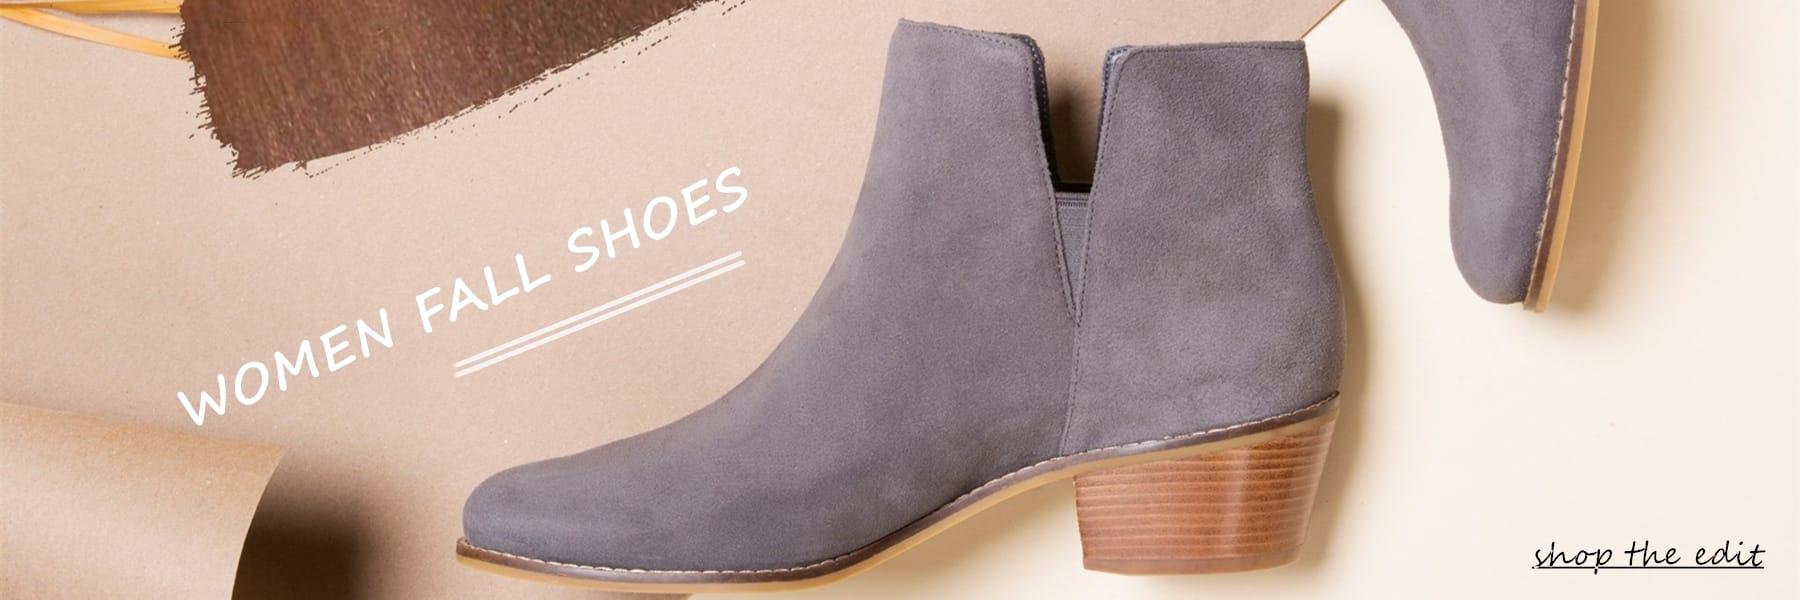 Wholesale Women Autumn Shoes